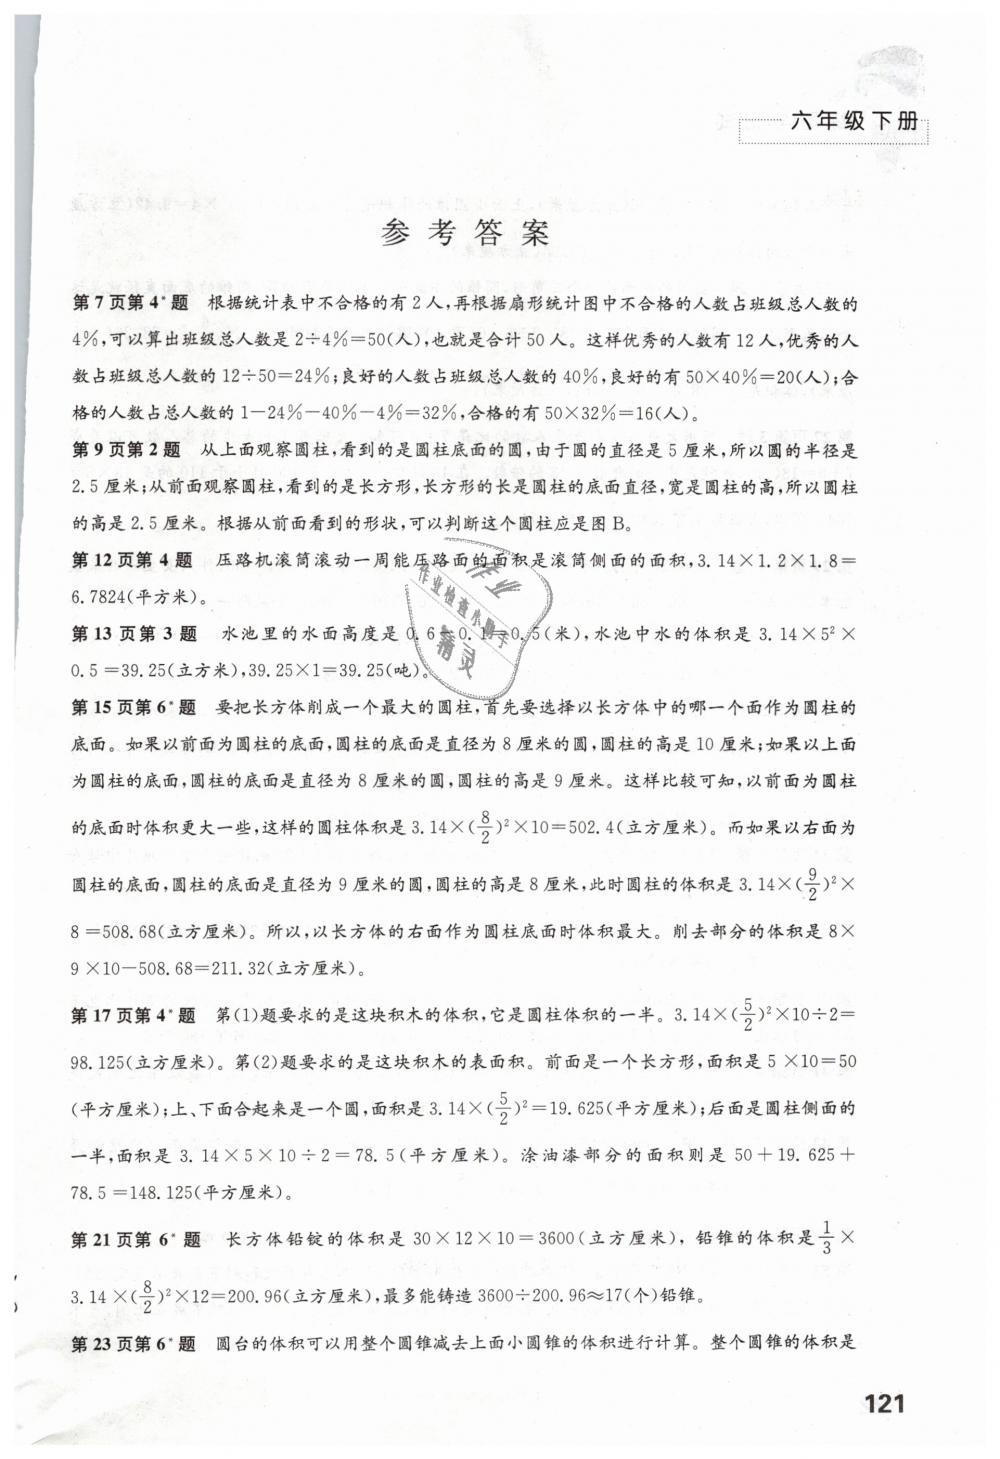 2019年练习与测试小学数学六年级下册苏教版第1页